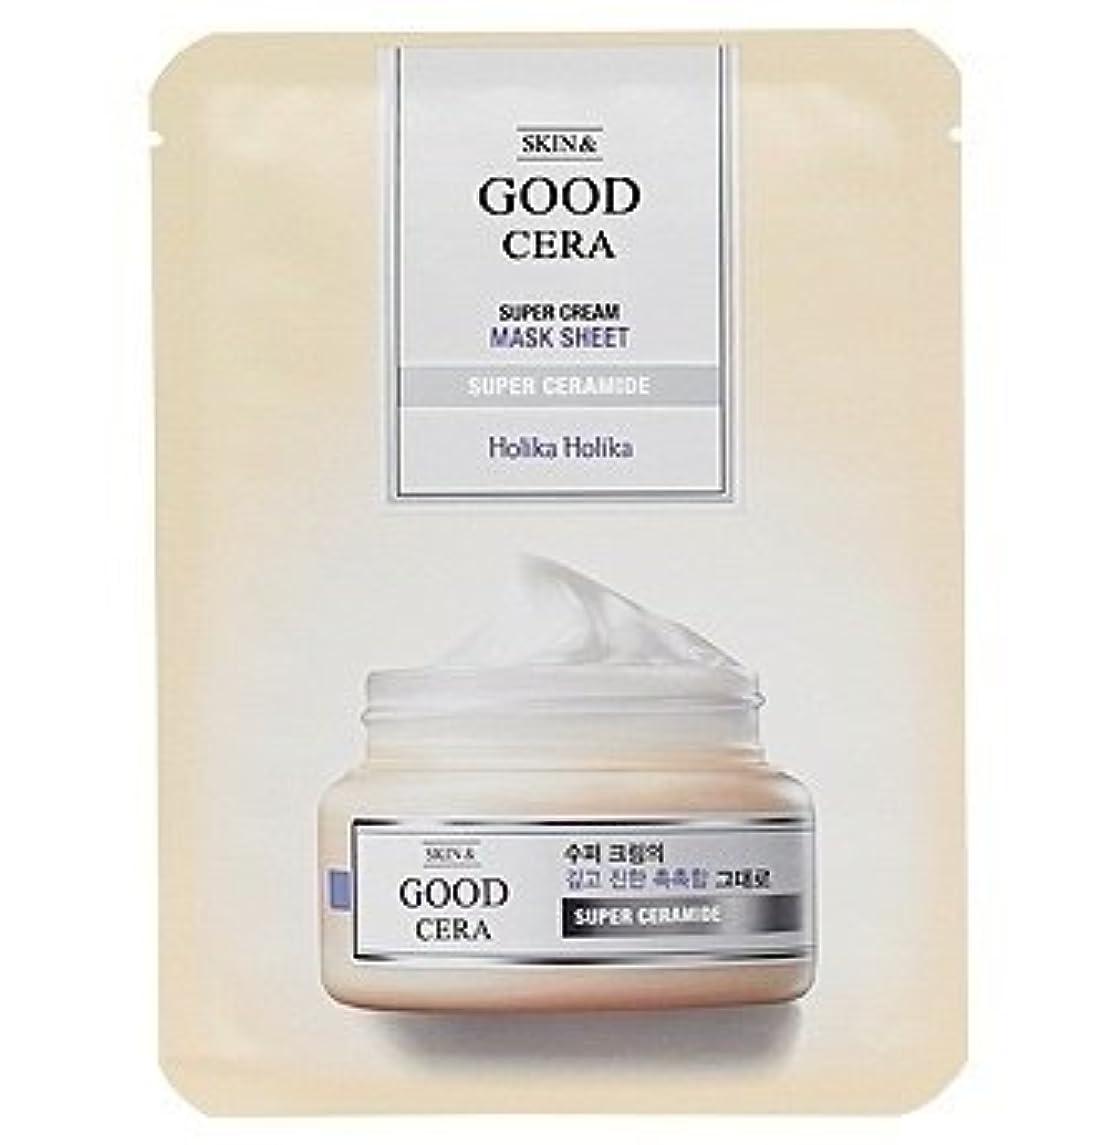 成熟したおんどりドナーホリカホリカ グッドセラ スーパークリーム マスクシート(3枚)Holika Holika Good Cera Super Cream Mask Sheet(3EA) [並行輸入品]